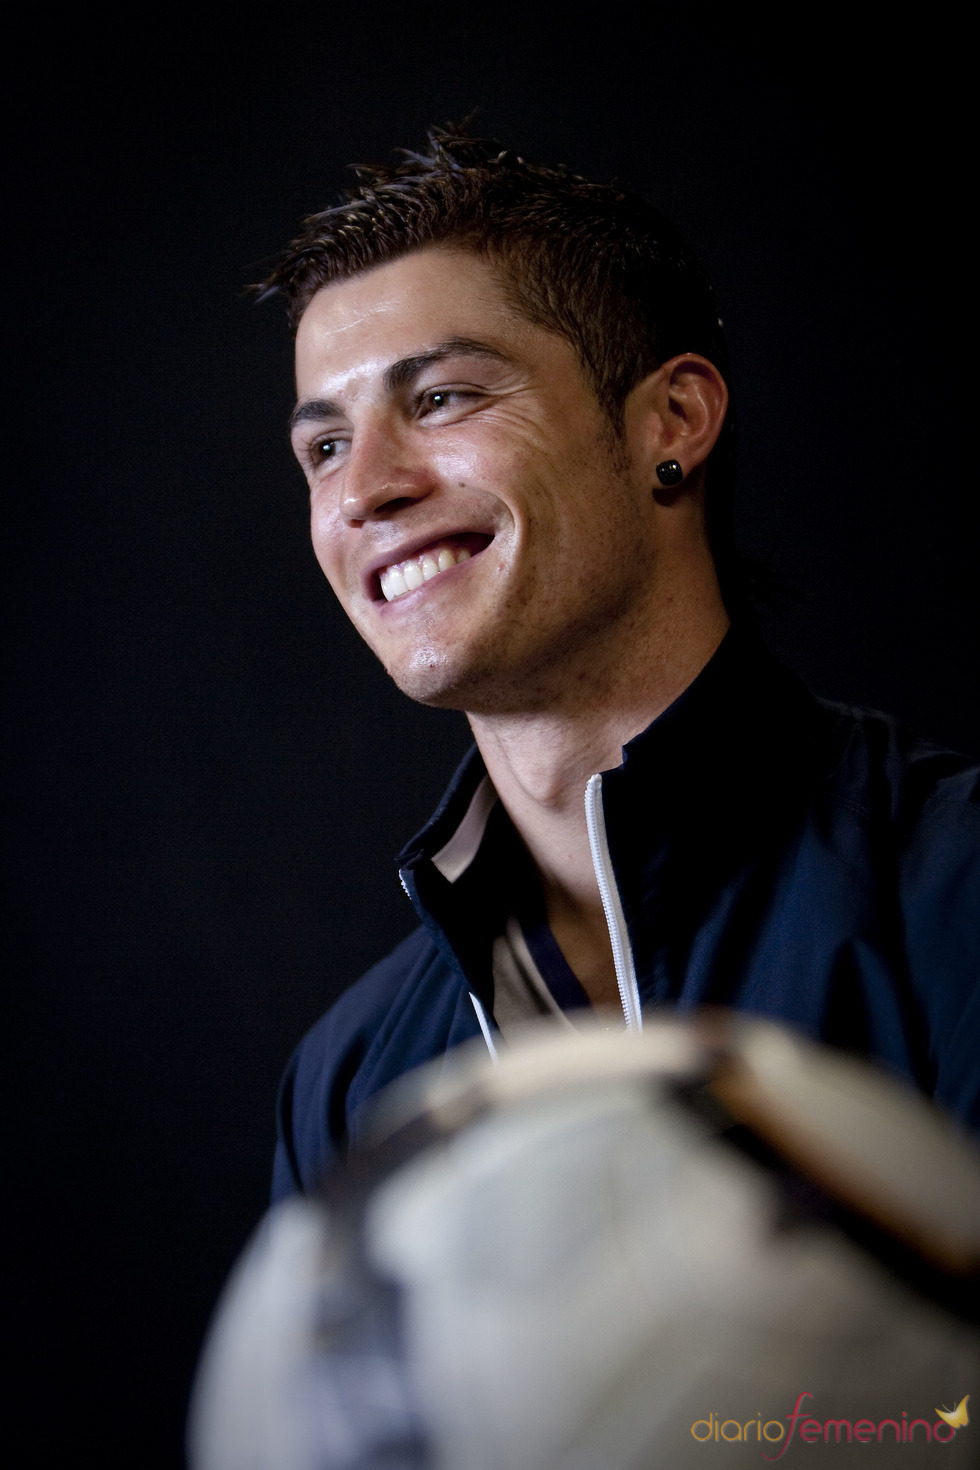 Cristiano Ronaldo, la sonrisa perfecta